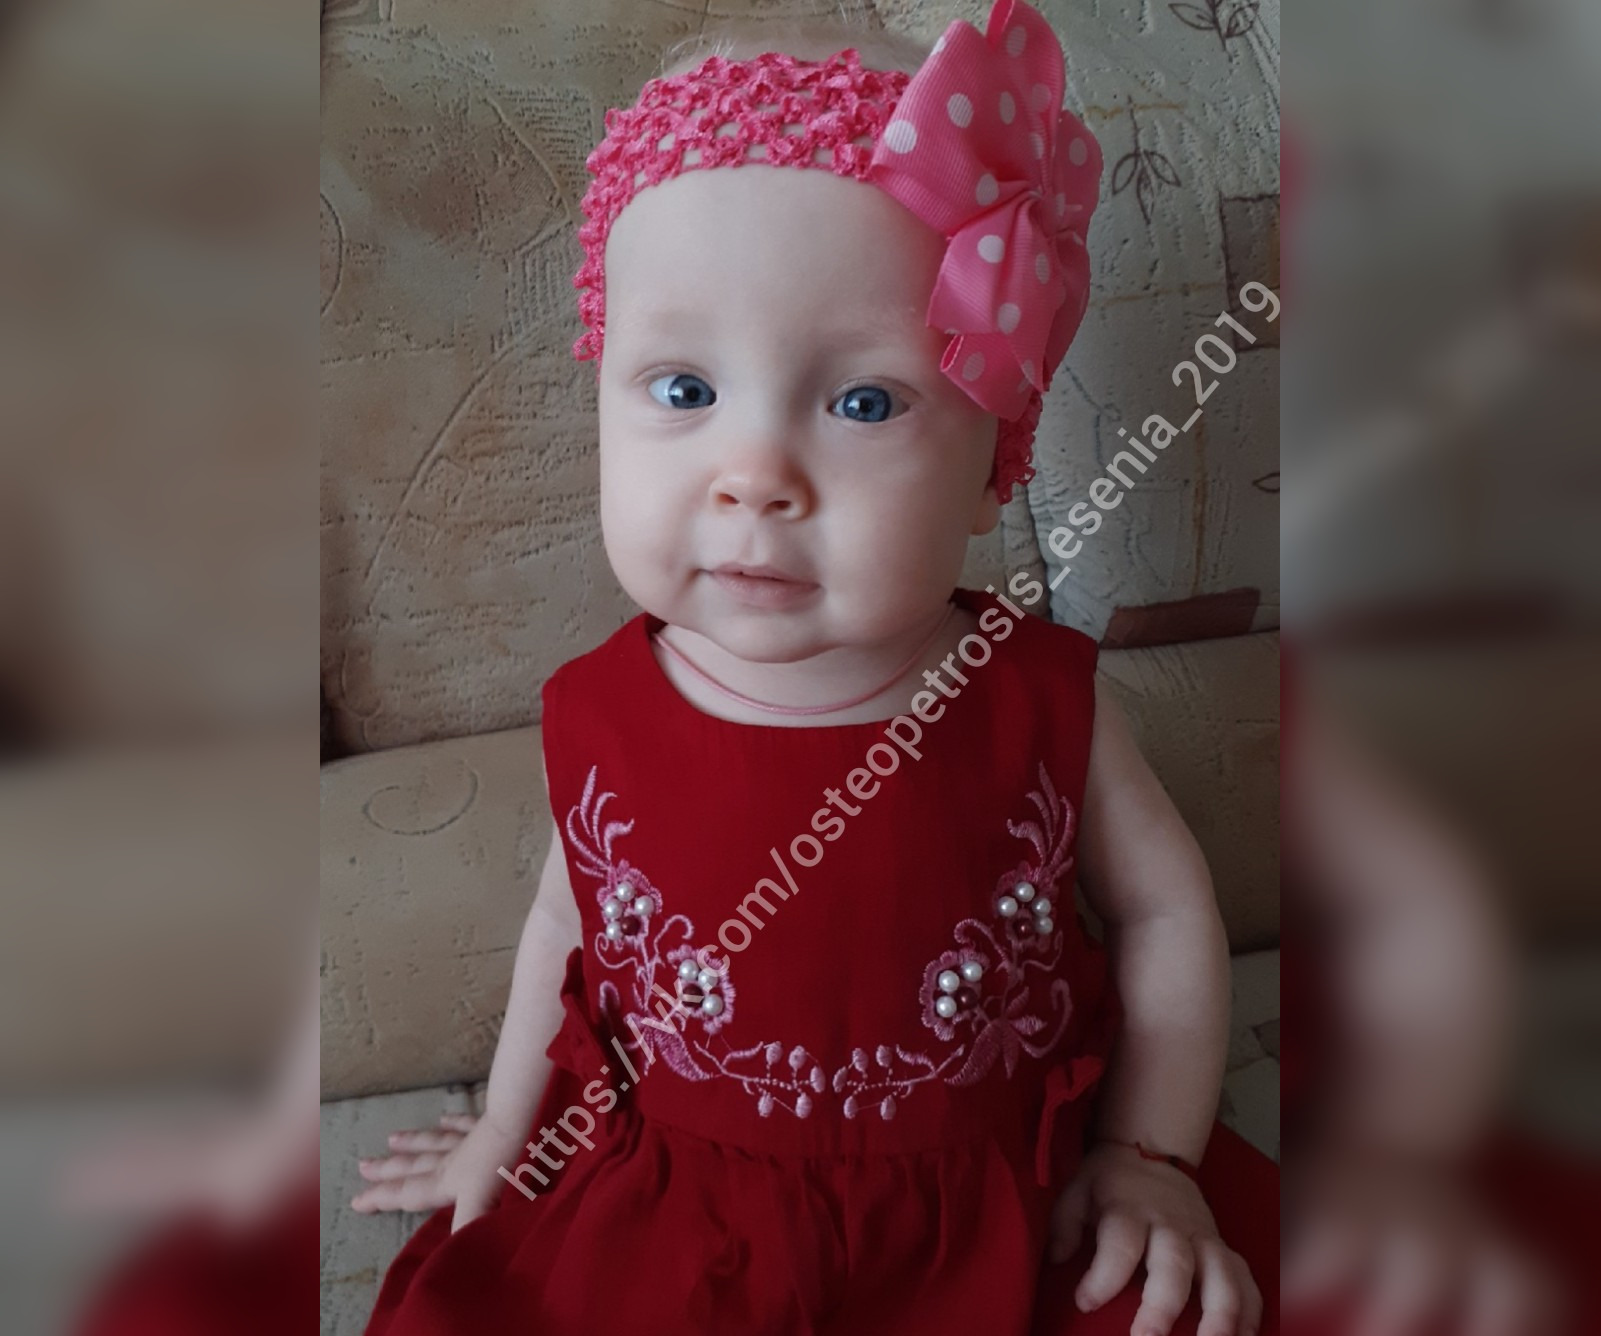 «Мы очень хотим, чтобы наша девочка забыла про свою болезнь»: Жителей Башкирии просят помочь годовалой девочке с редким заболеванием